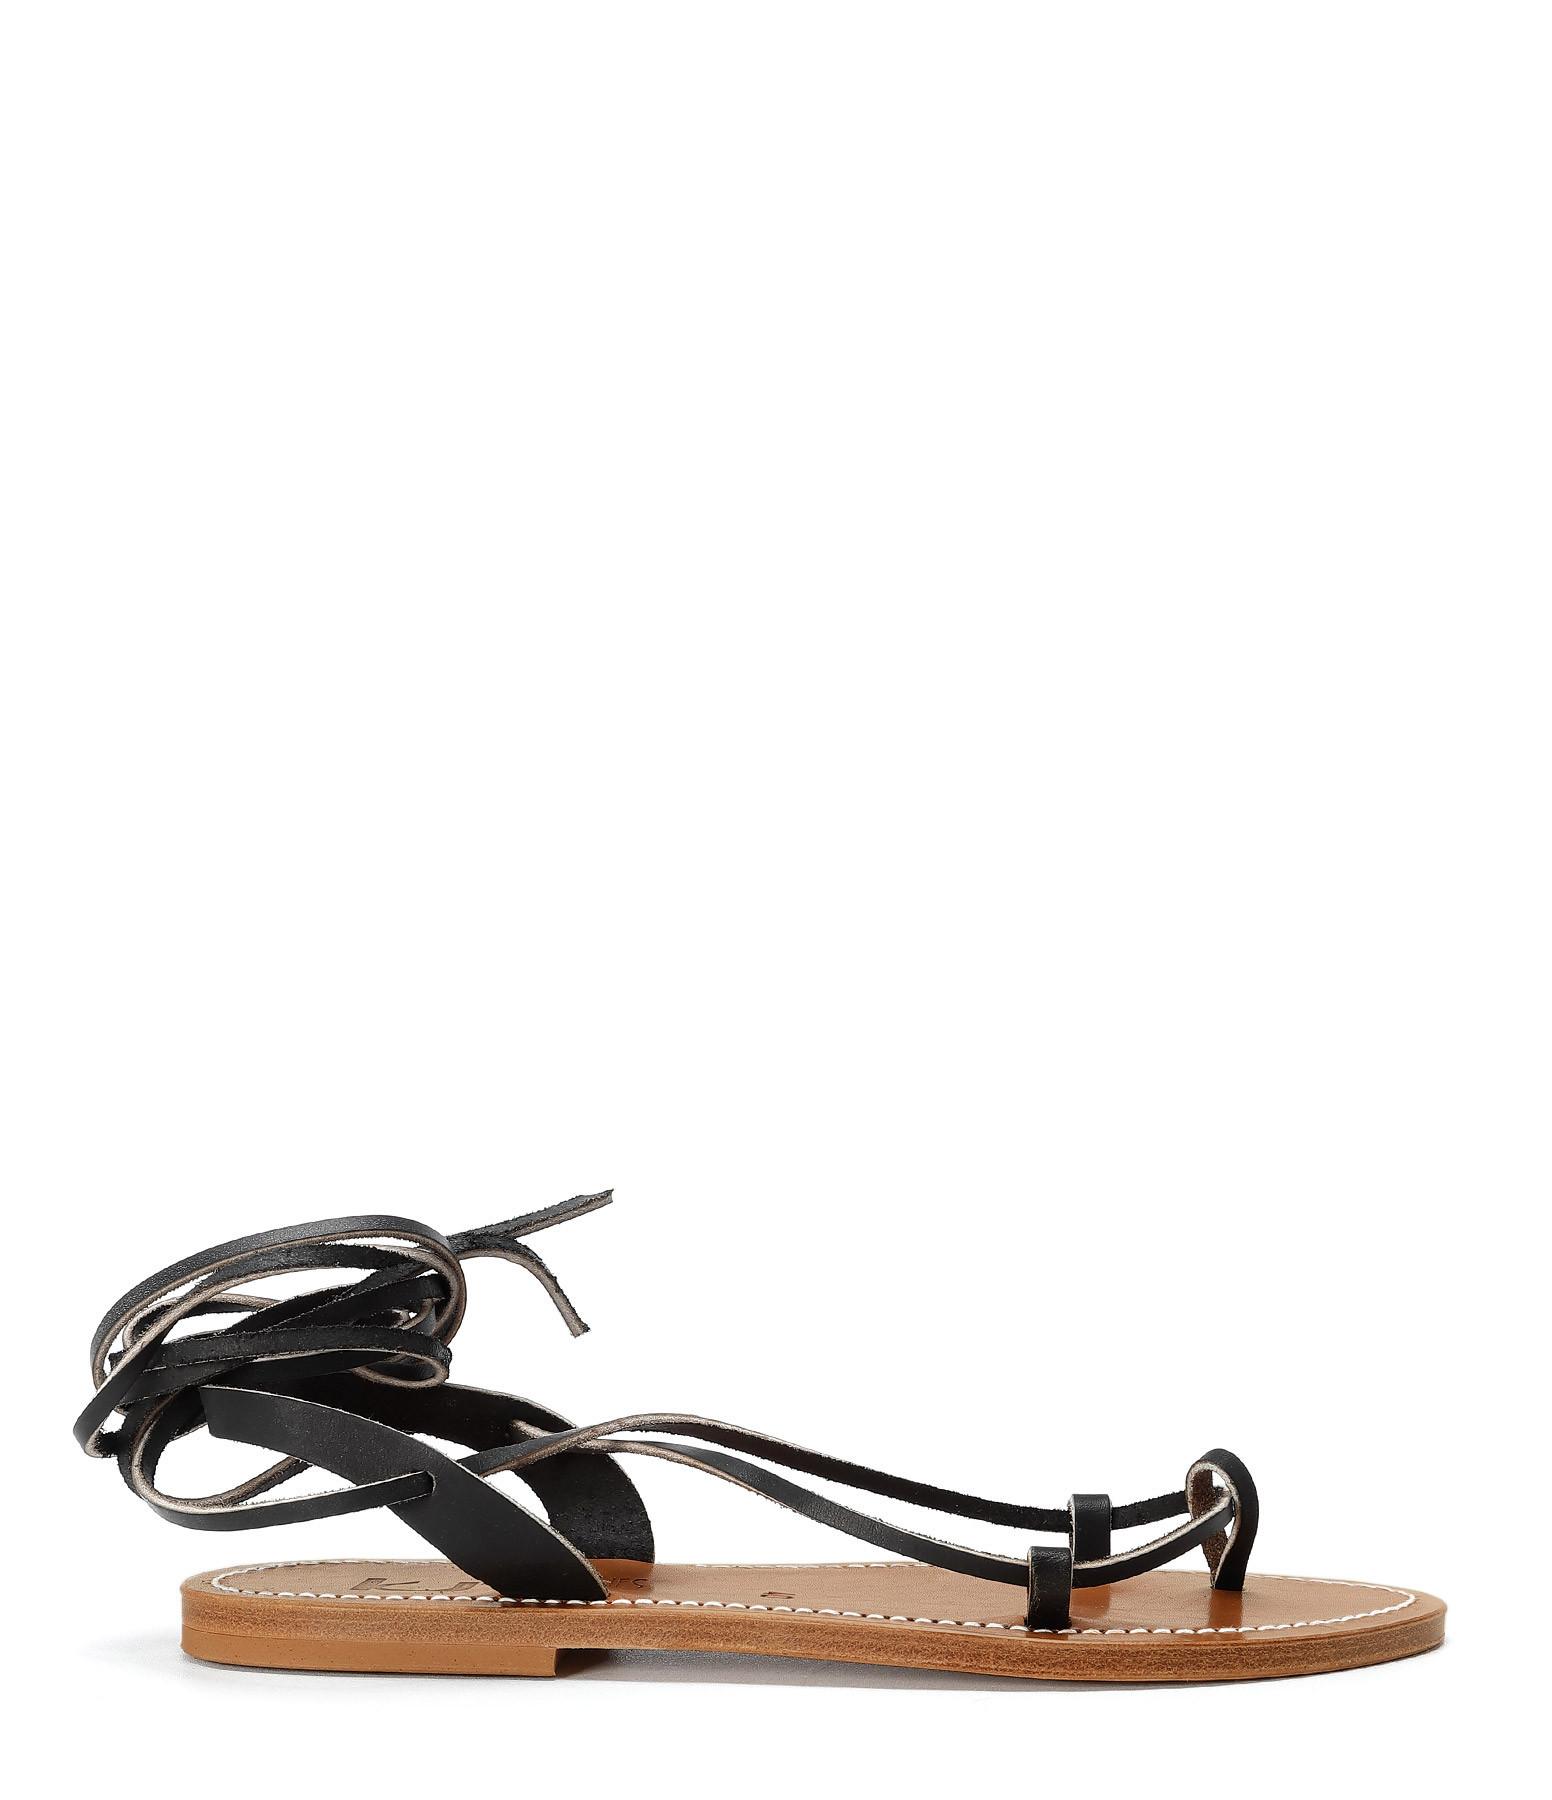 K JACQUES - Sandales Lucile Cuir Pul Noir